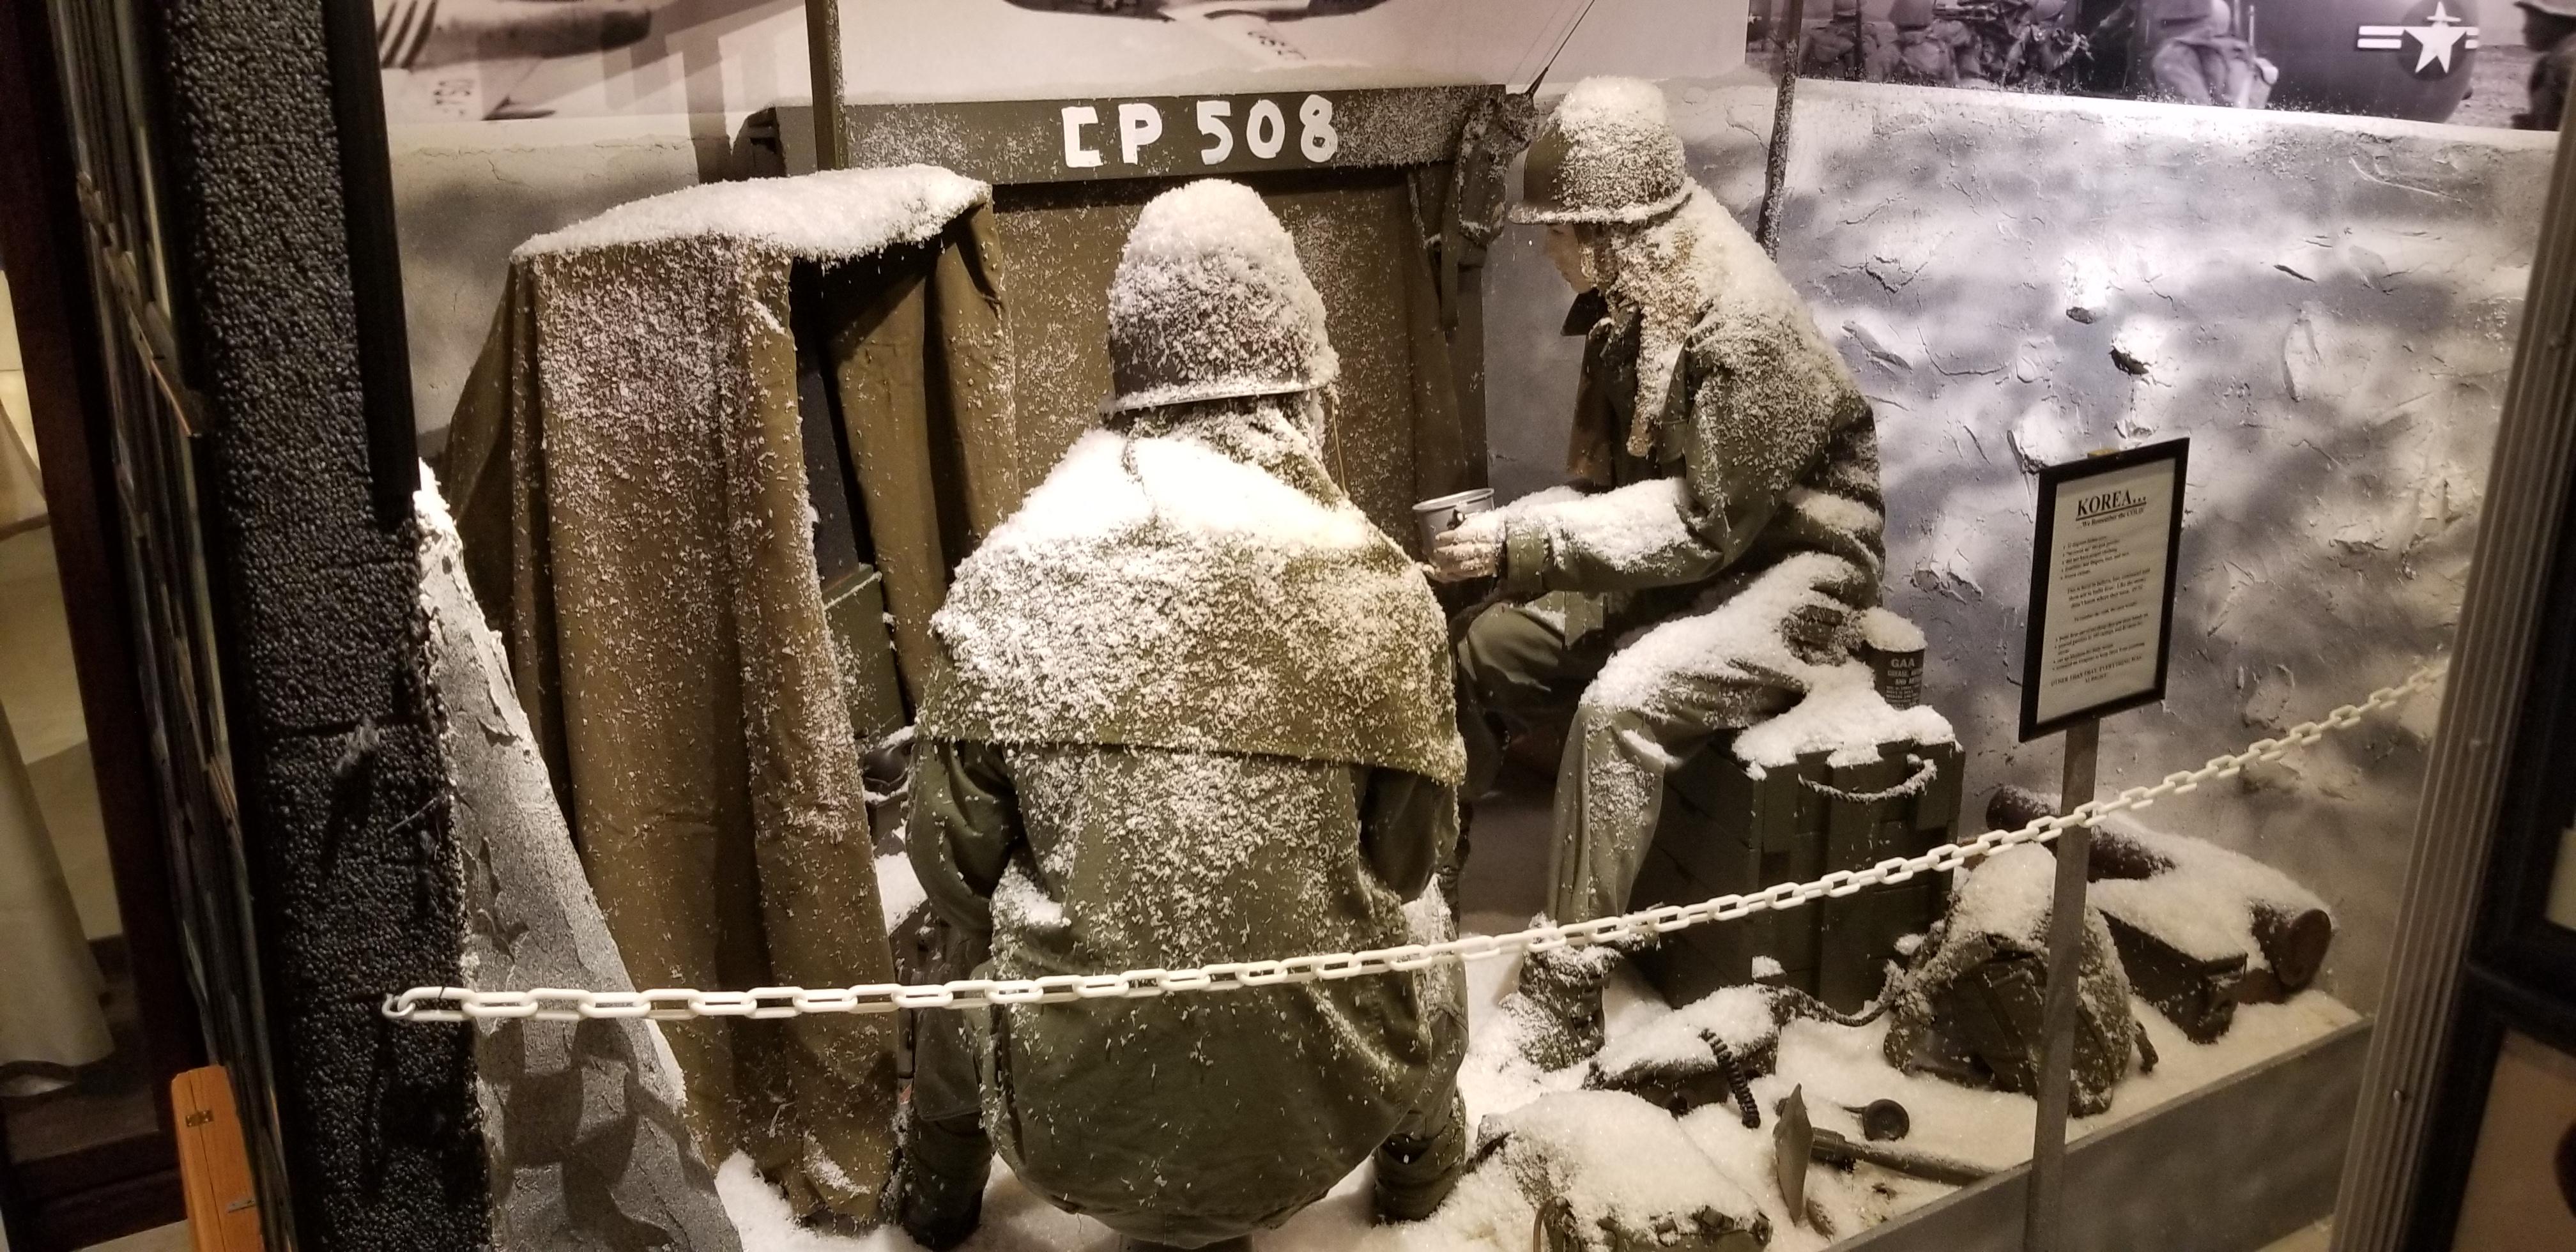 Korean War scenario of the it being 32 degrees below zero